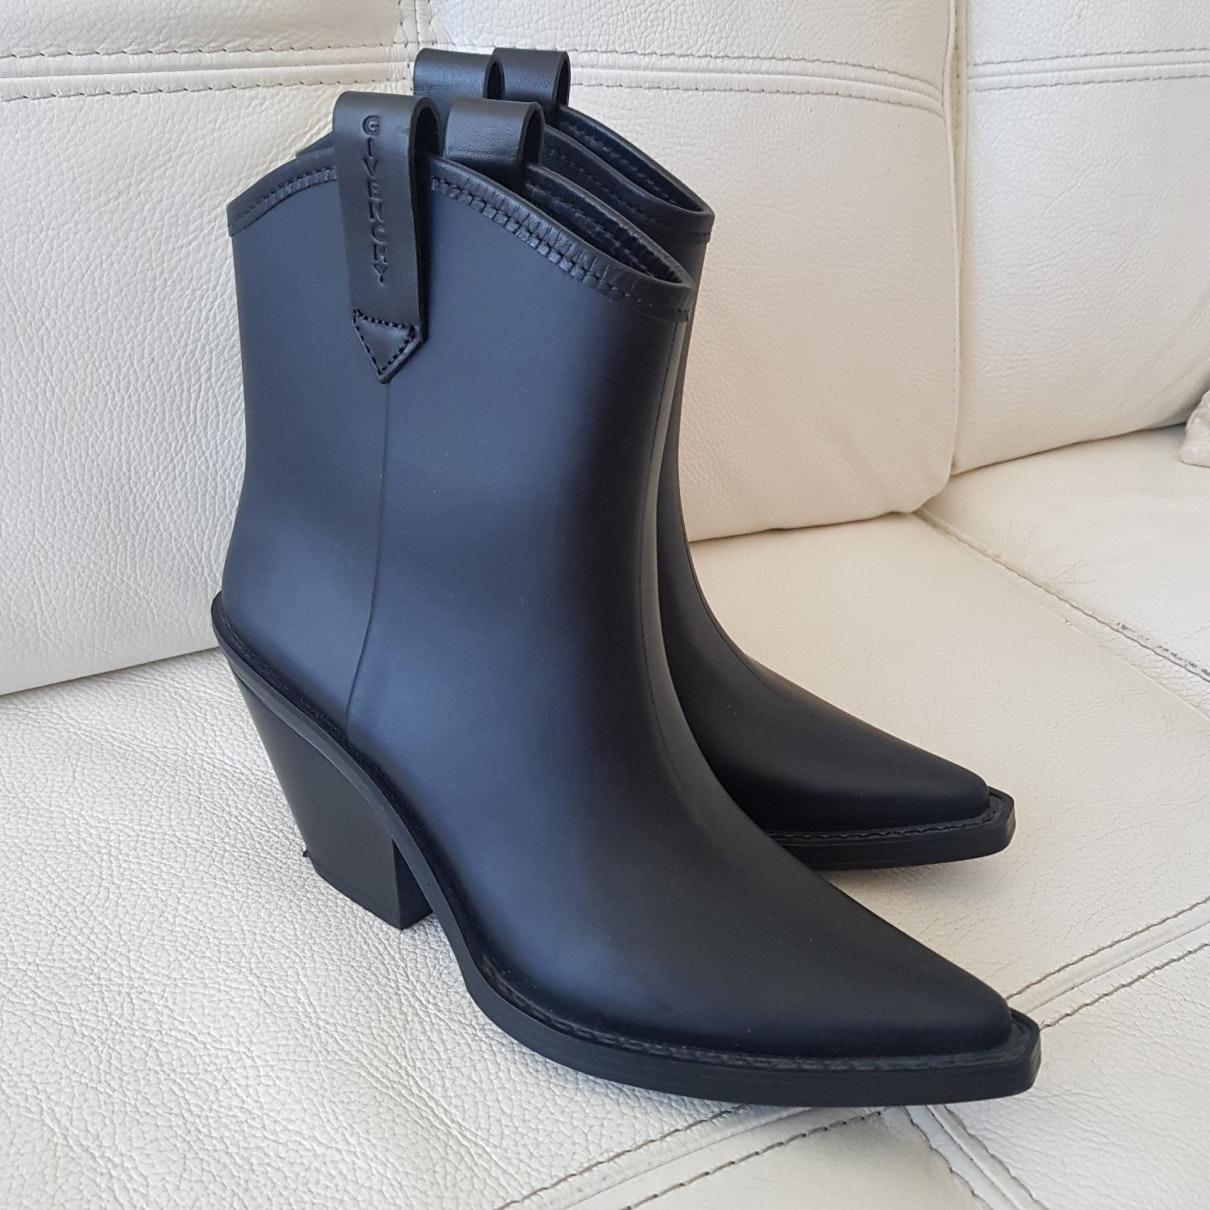 Botines en caucho negro Givenchy de Caucho de color Negro